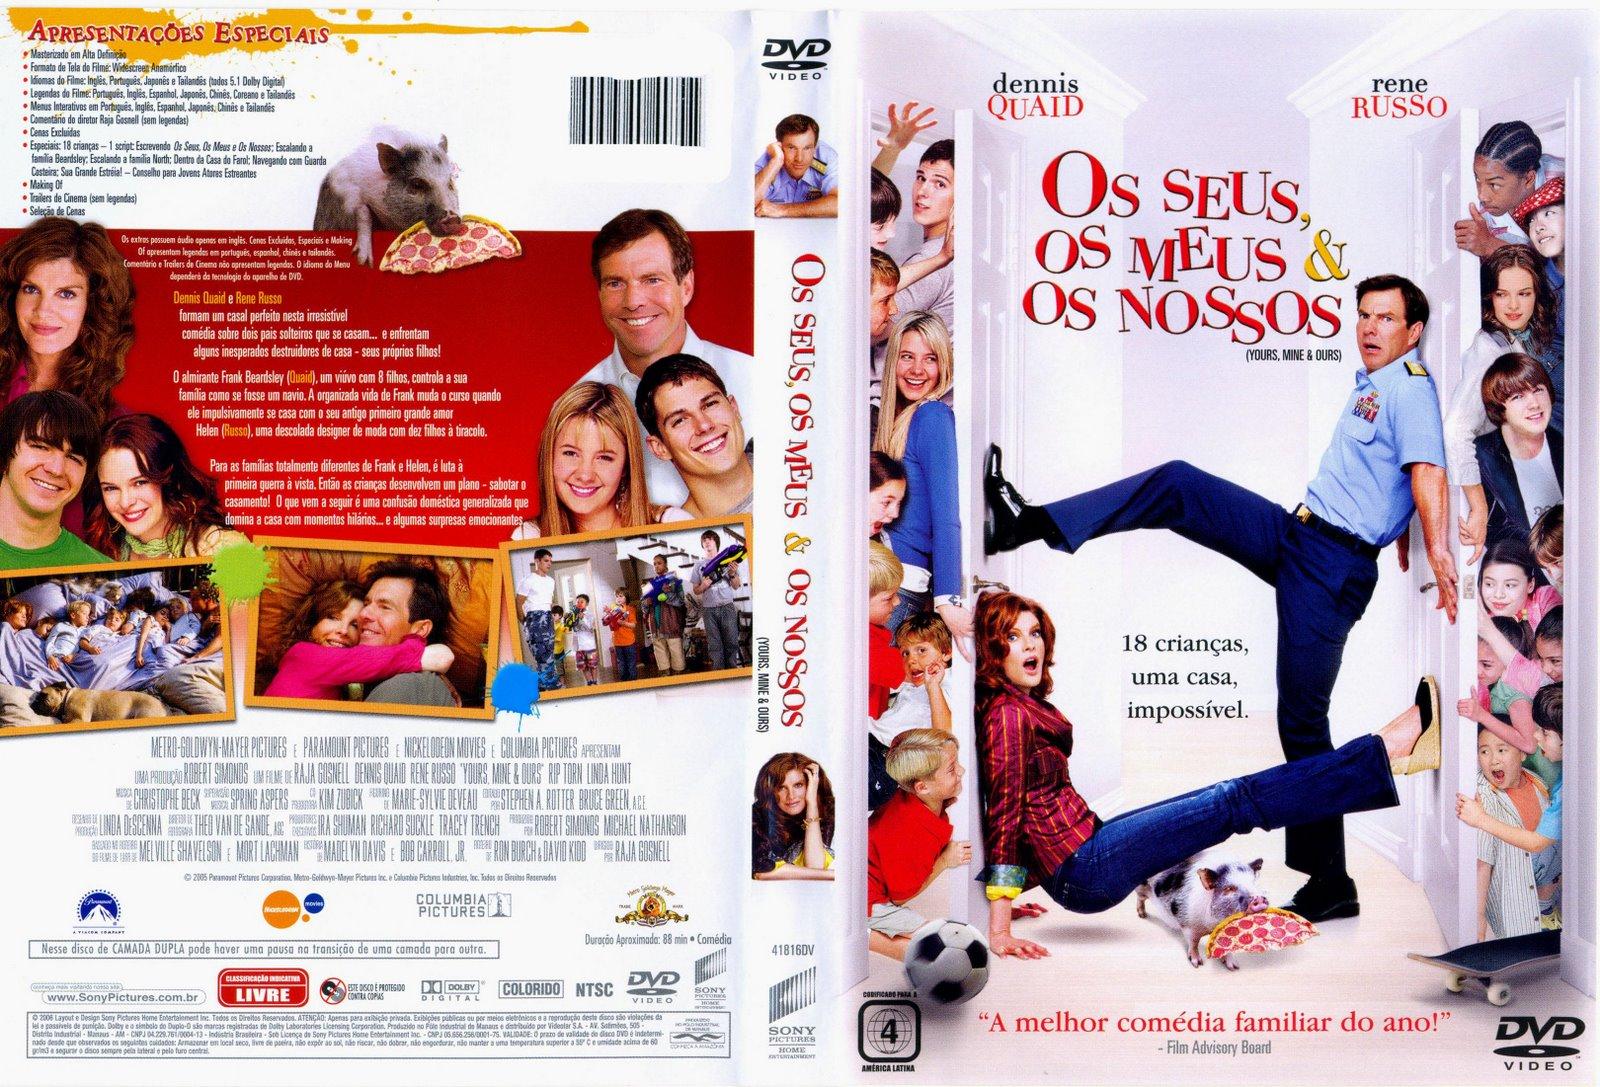 http://3.bp.blogspot.com/_ET4mSvvgIvQ/S-MTzAINS9I/AAAAAAAAAPU/xWk-Rs8a4ik/s1600/Os_Seus,_Os_Meus_%26_Os_Nossos.jpg